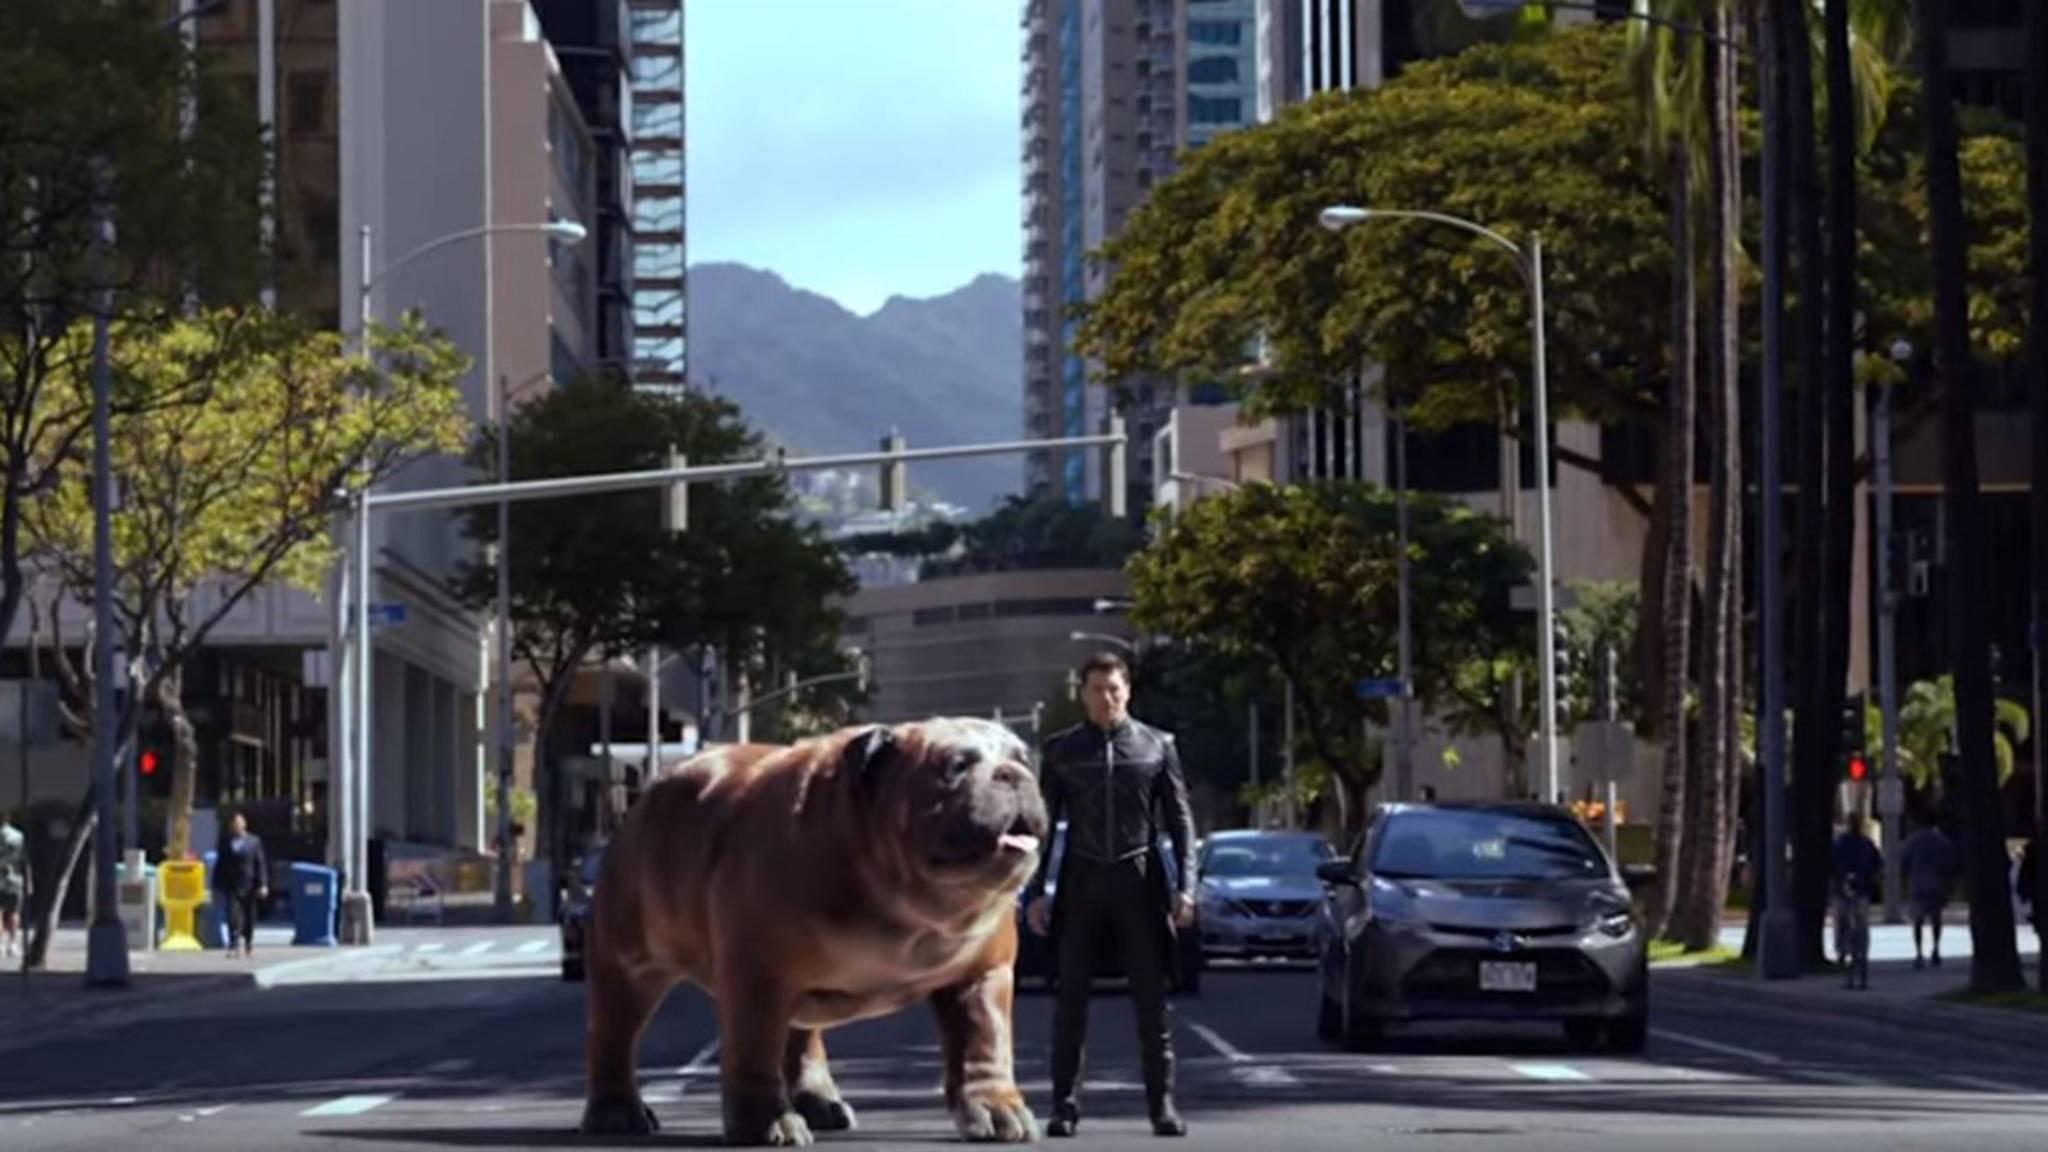 Ein Teleport-Hund und ein Mutanten-König der nicht spricht? Offenbar kein Erfolgsrezept für eine TV-Show.